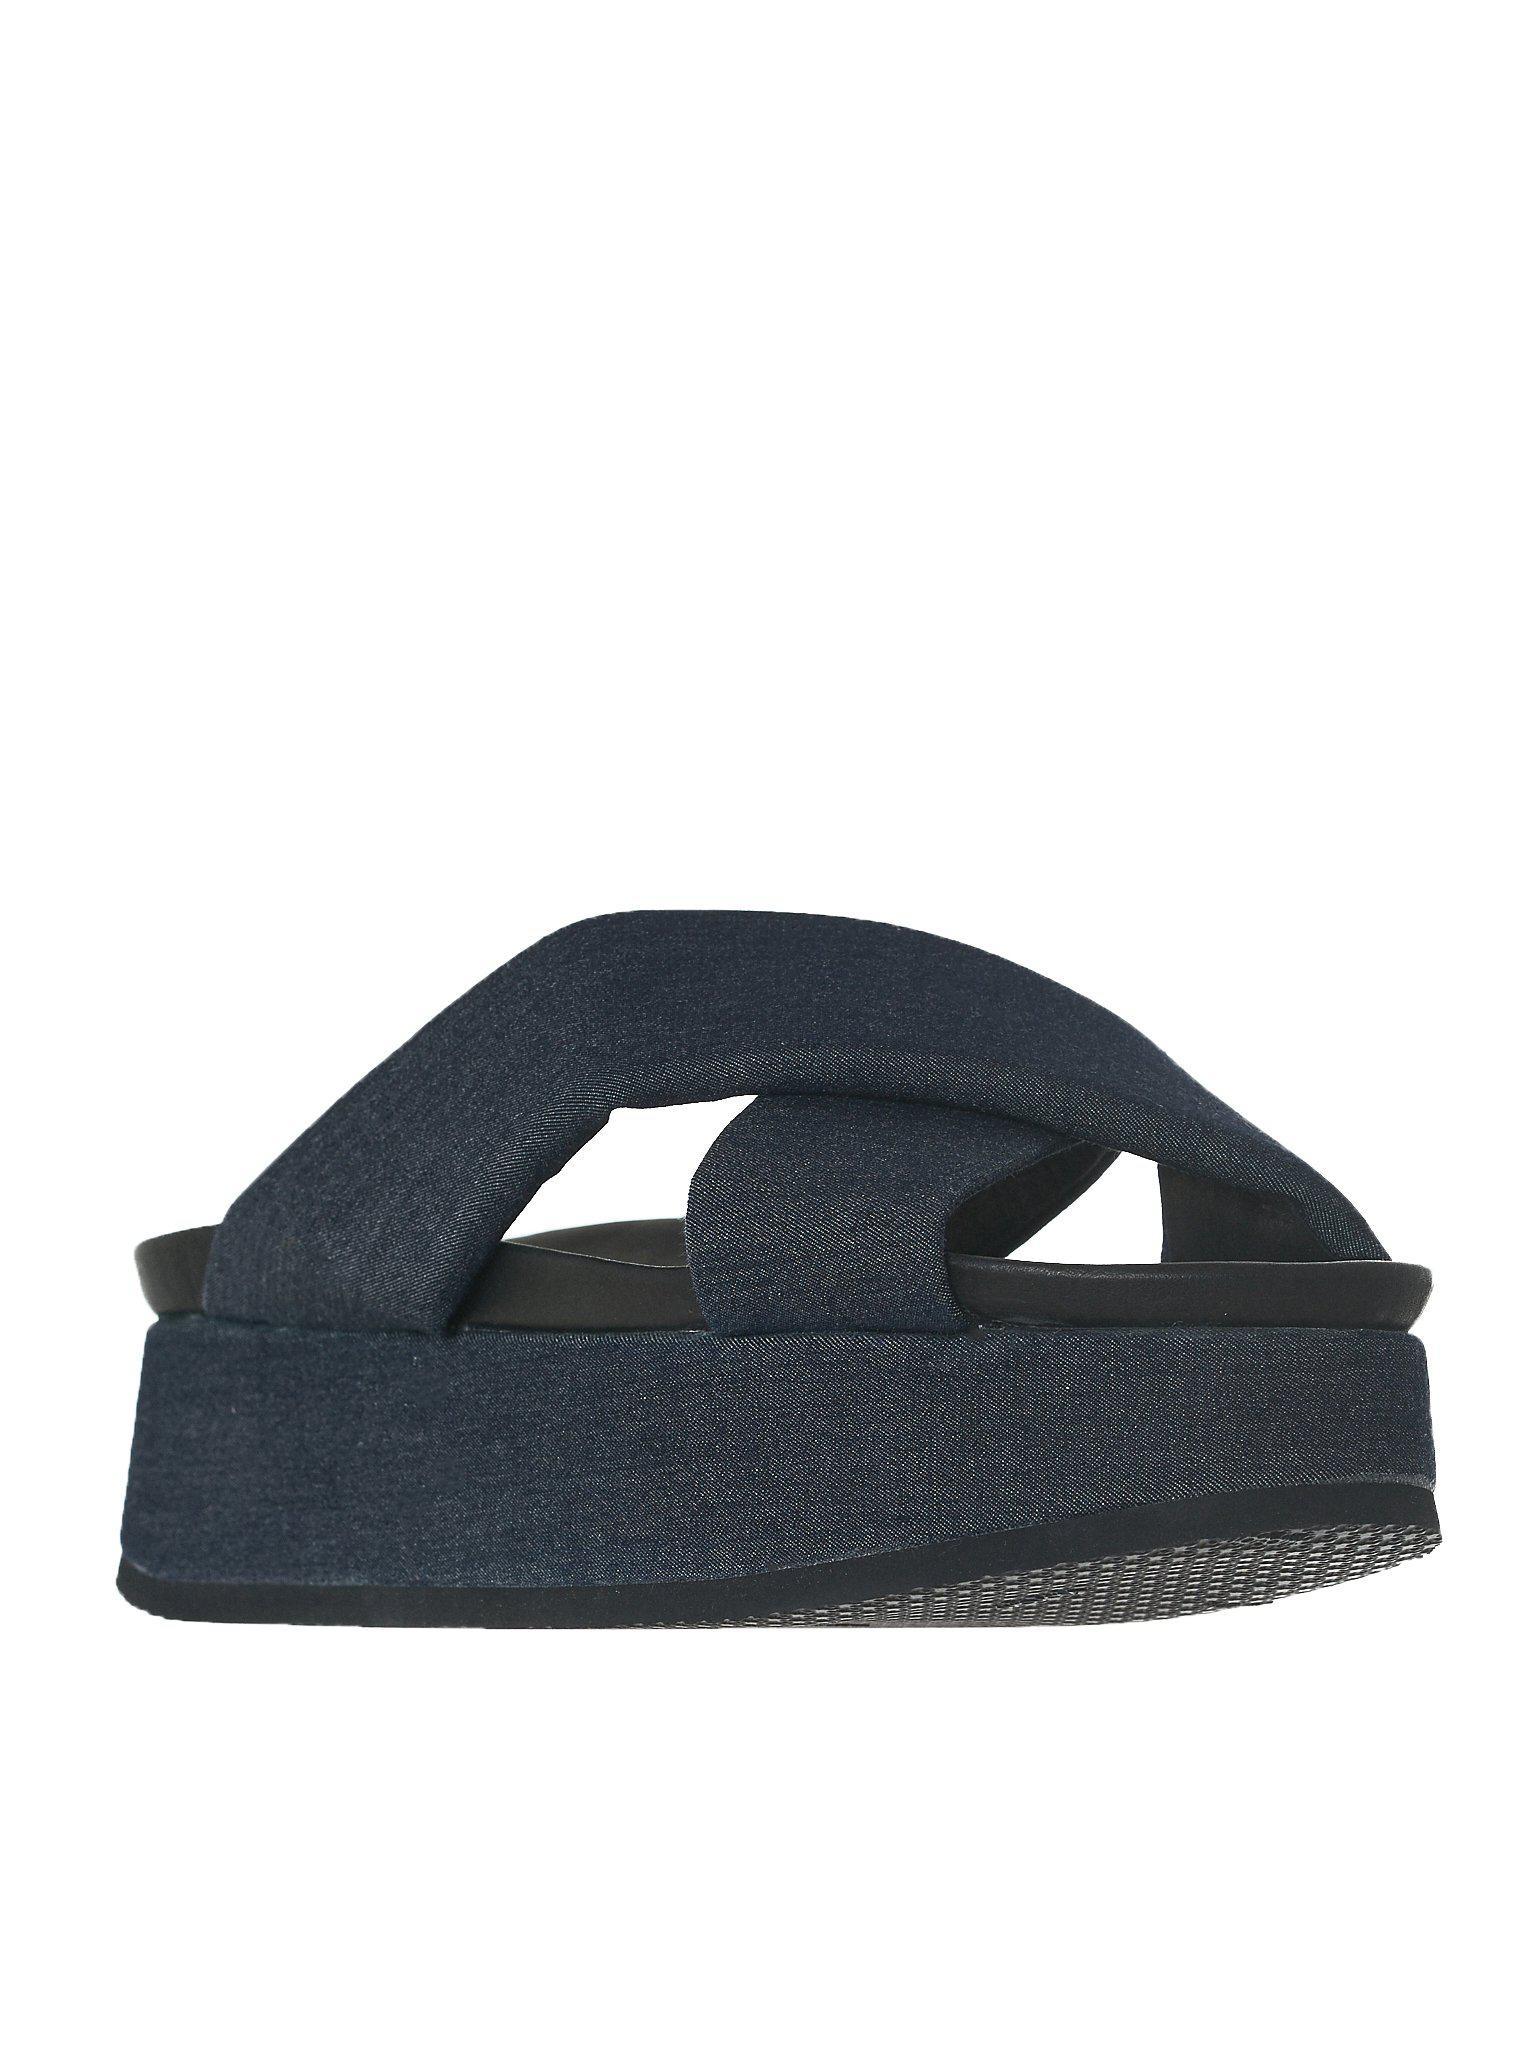 Sandales Peter Non Cruz - Bleu 5oQrri